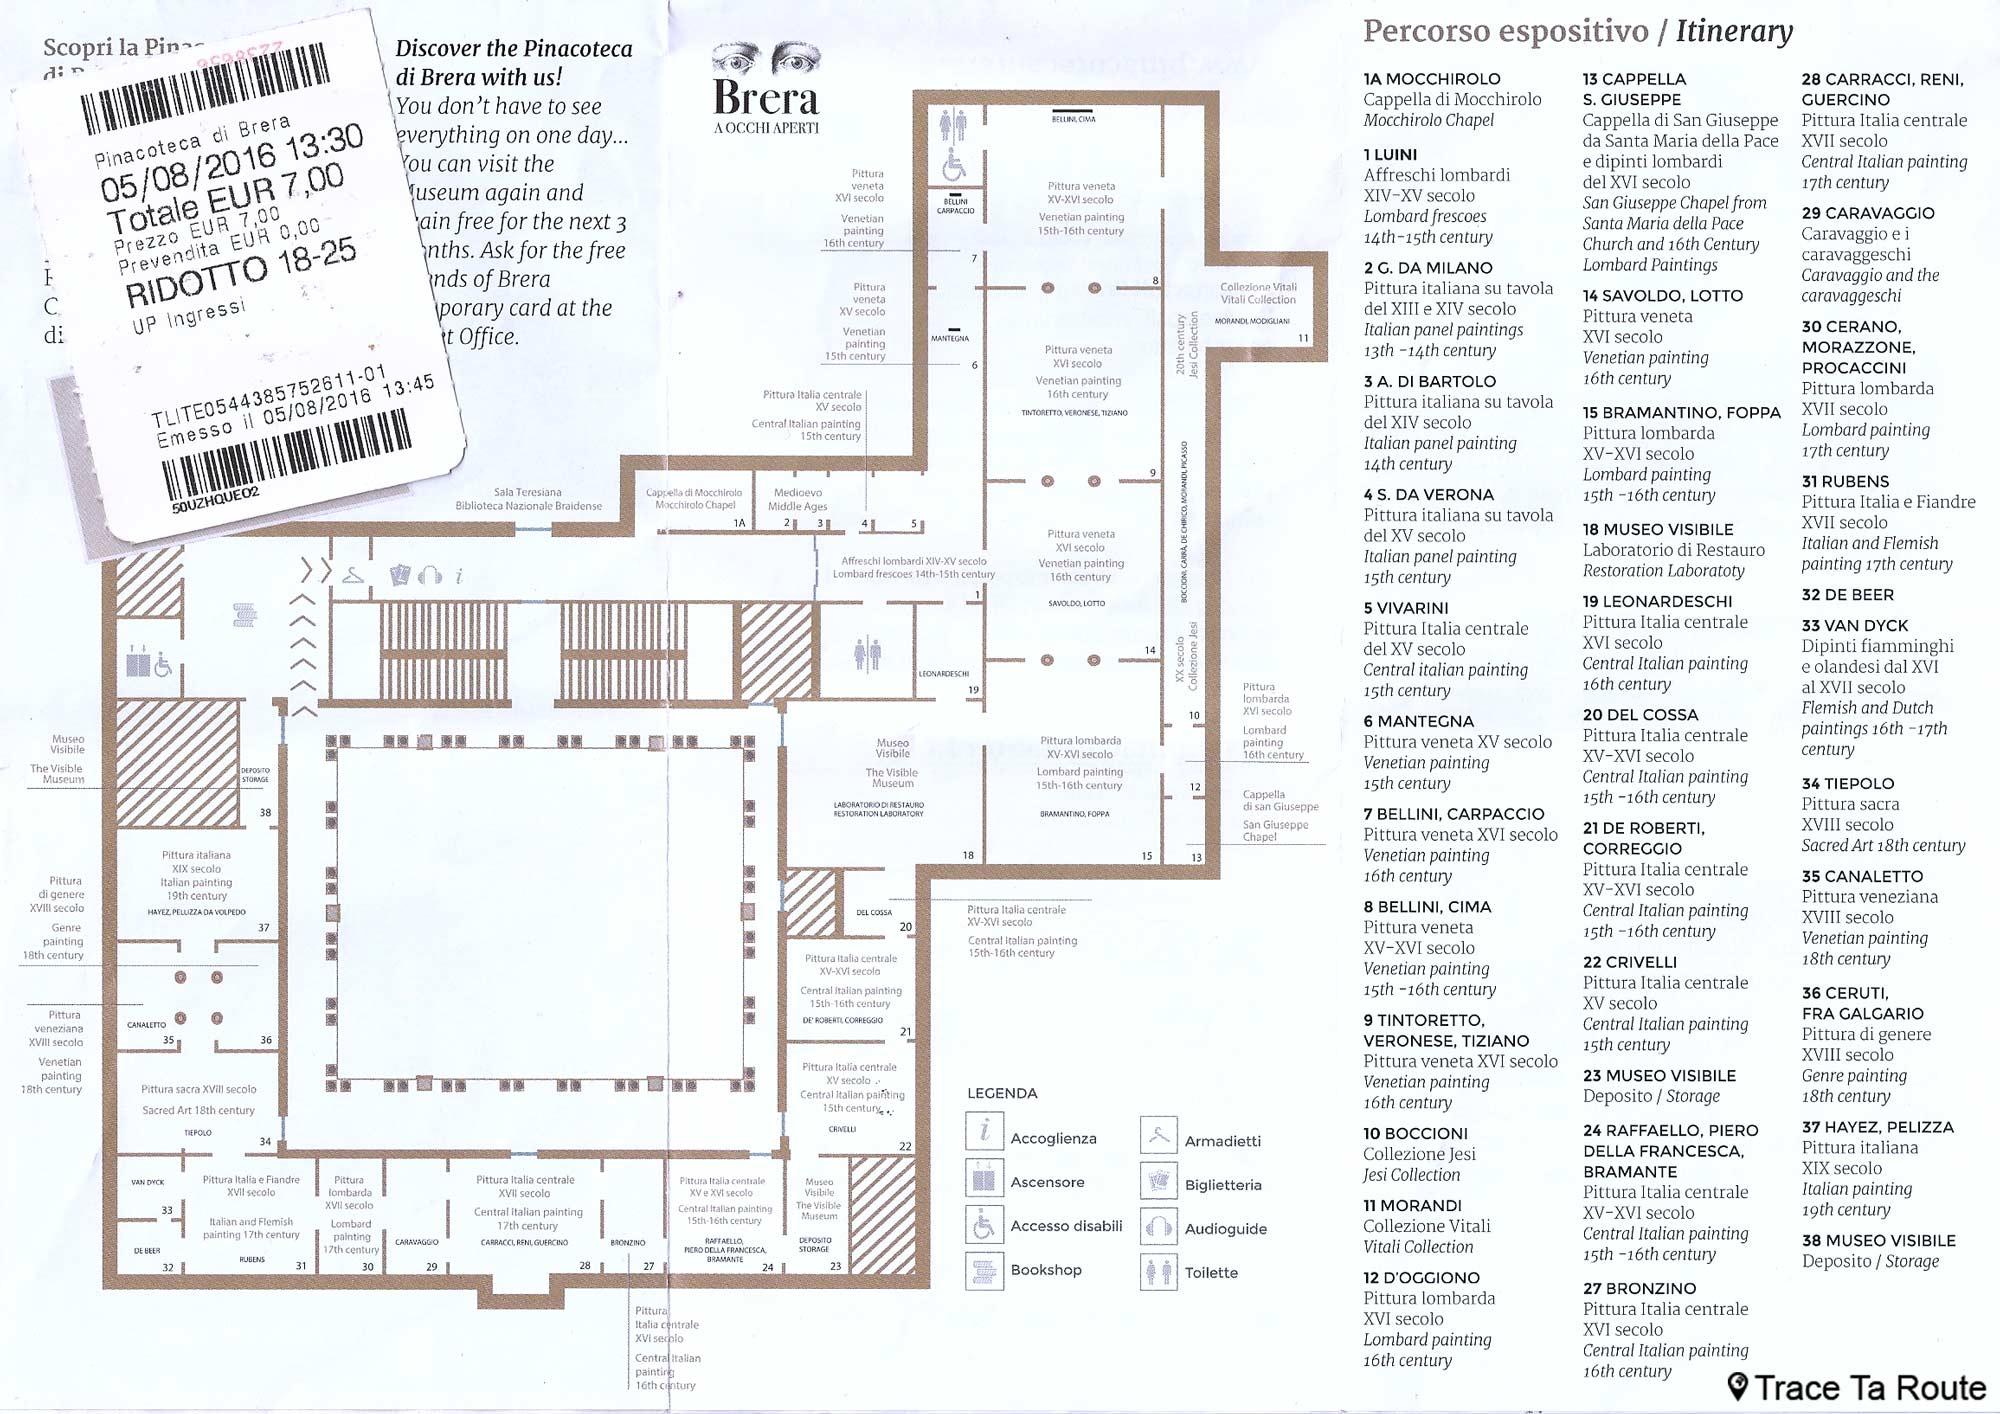 Plan des salles du Musée Pinacothèque de Brera de Milan + billet d'entrée avec prix